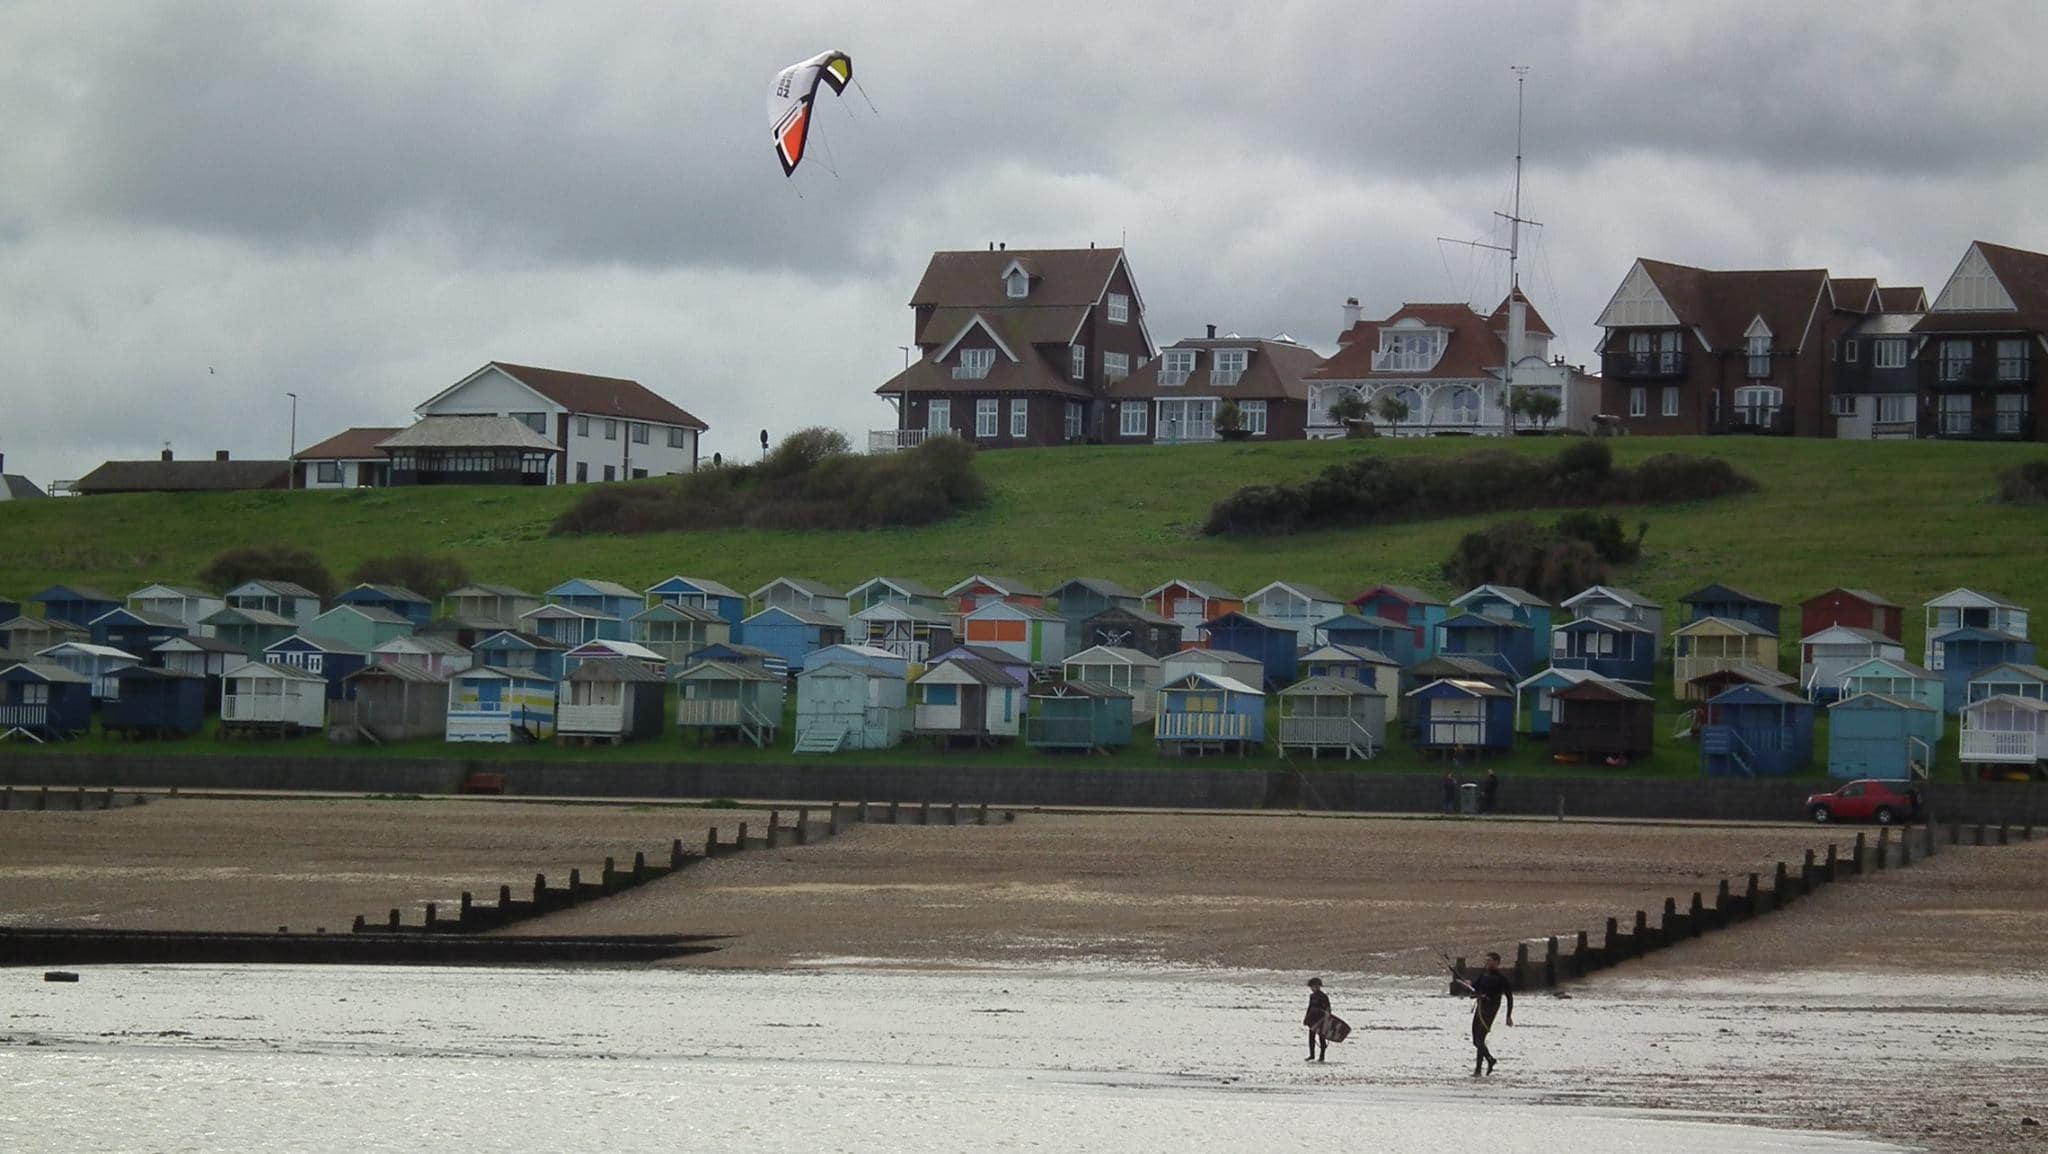 Kitesurfing in Whitstable